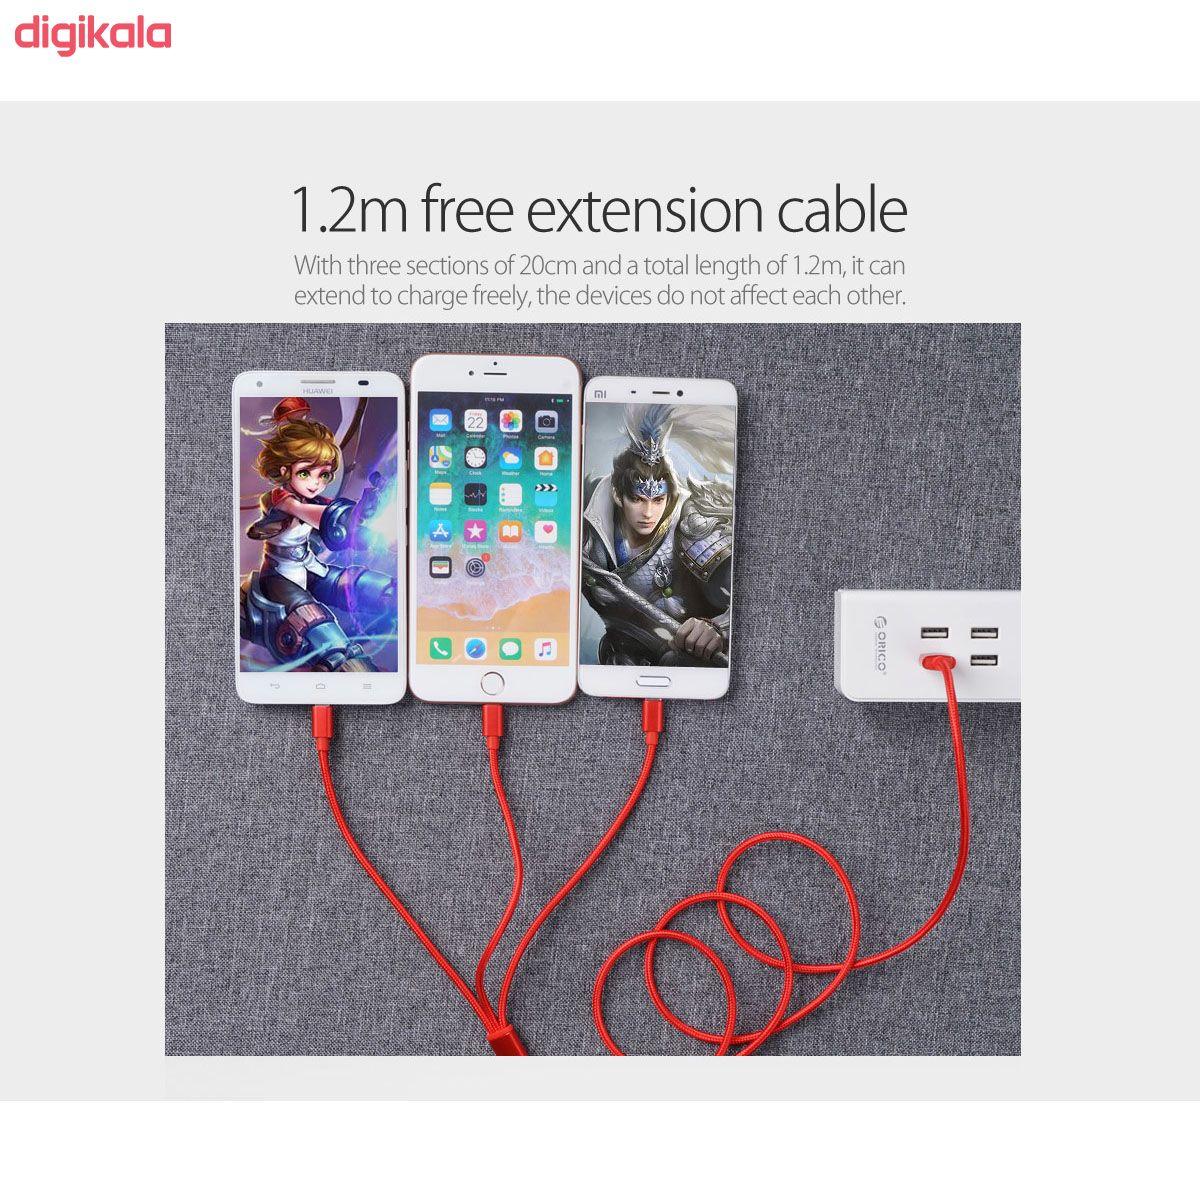 کابل تبدیل USB به microUSB / لایتنینگ / USB-C سمگپرس مدل S85 طول 1.2 متر main 1 8